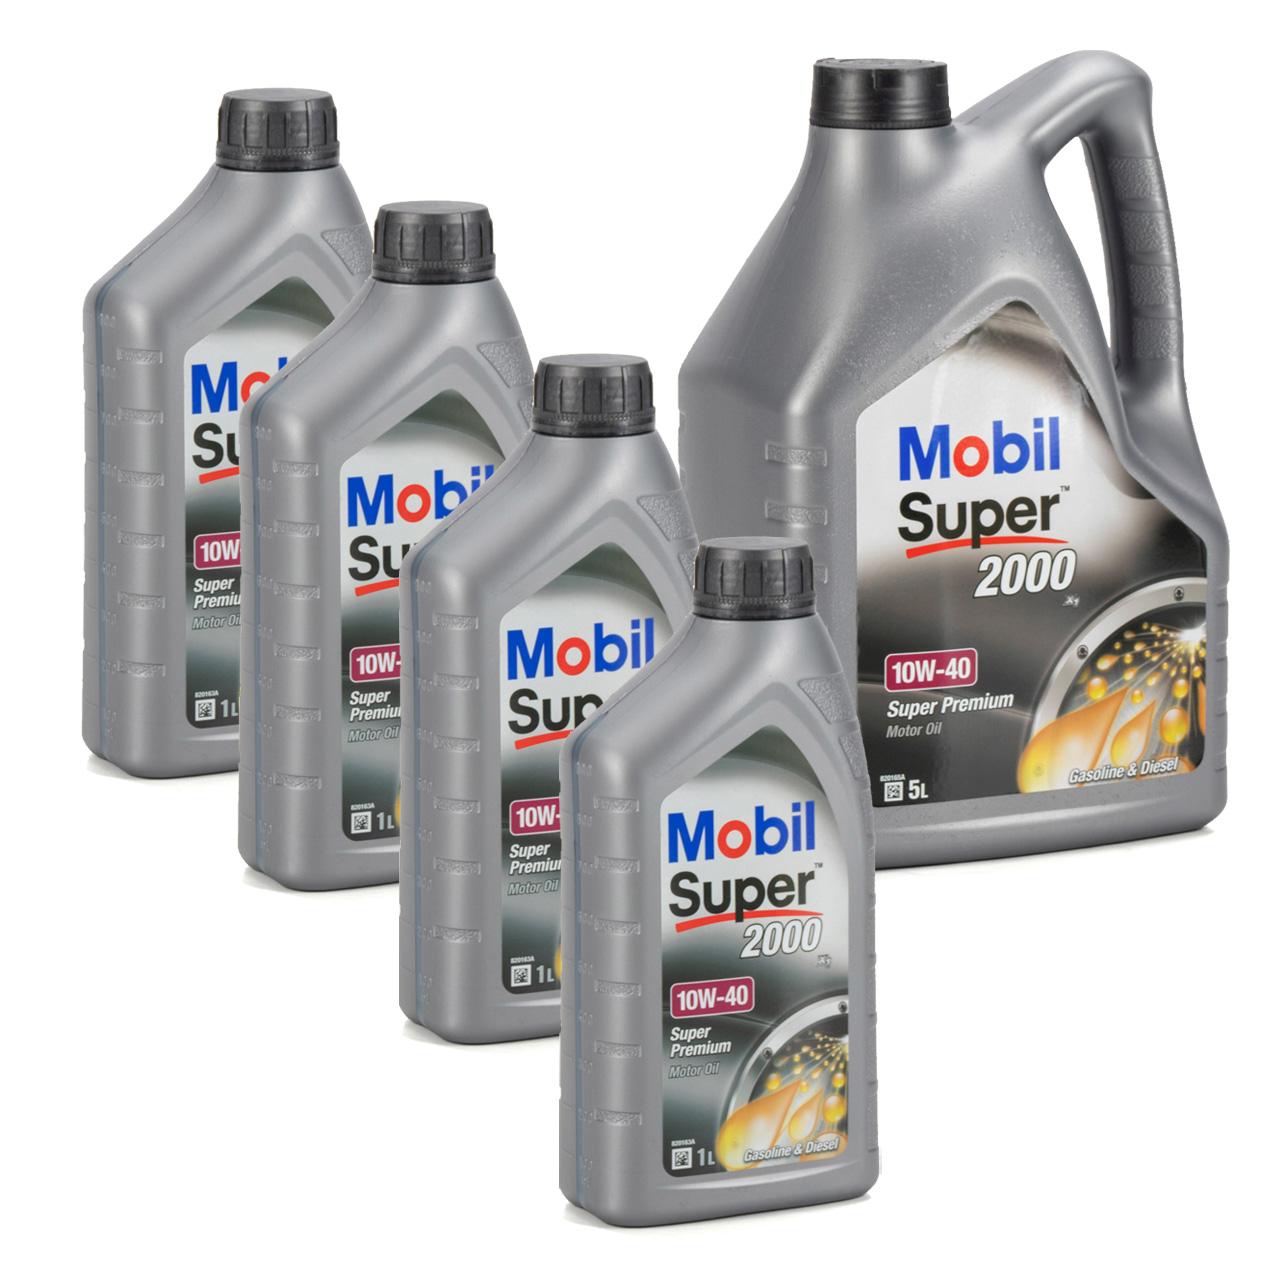 Mobil SUPER 2000 X1 10W40 Super Premium Motoröl Öl VW 501.01/505.00 - 9L 9 Liter